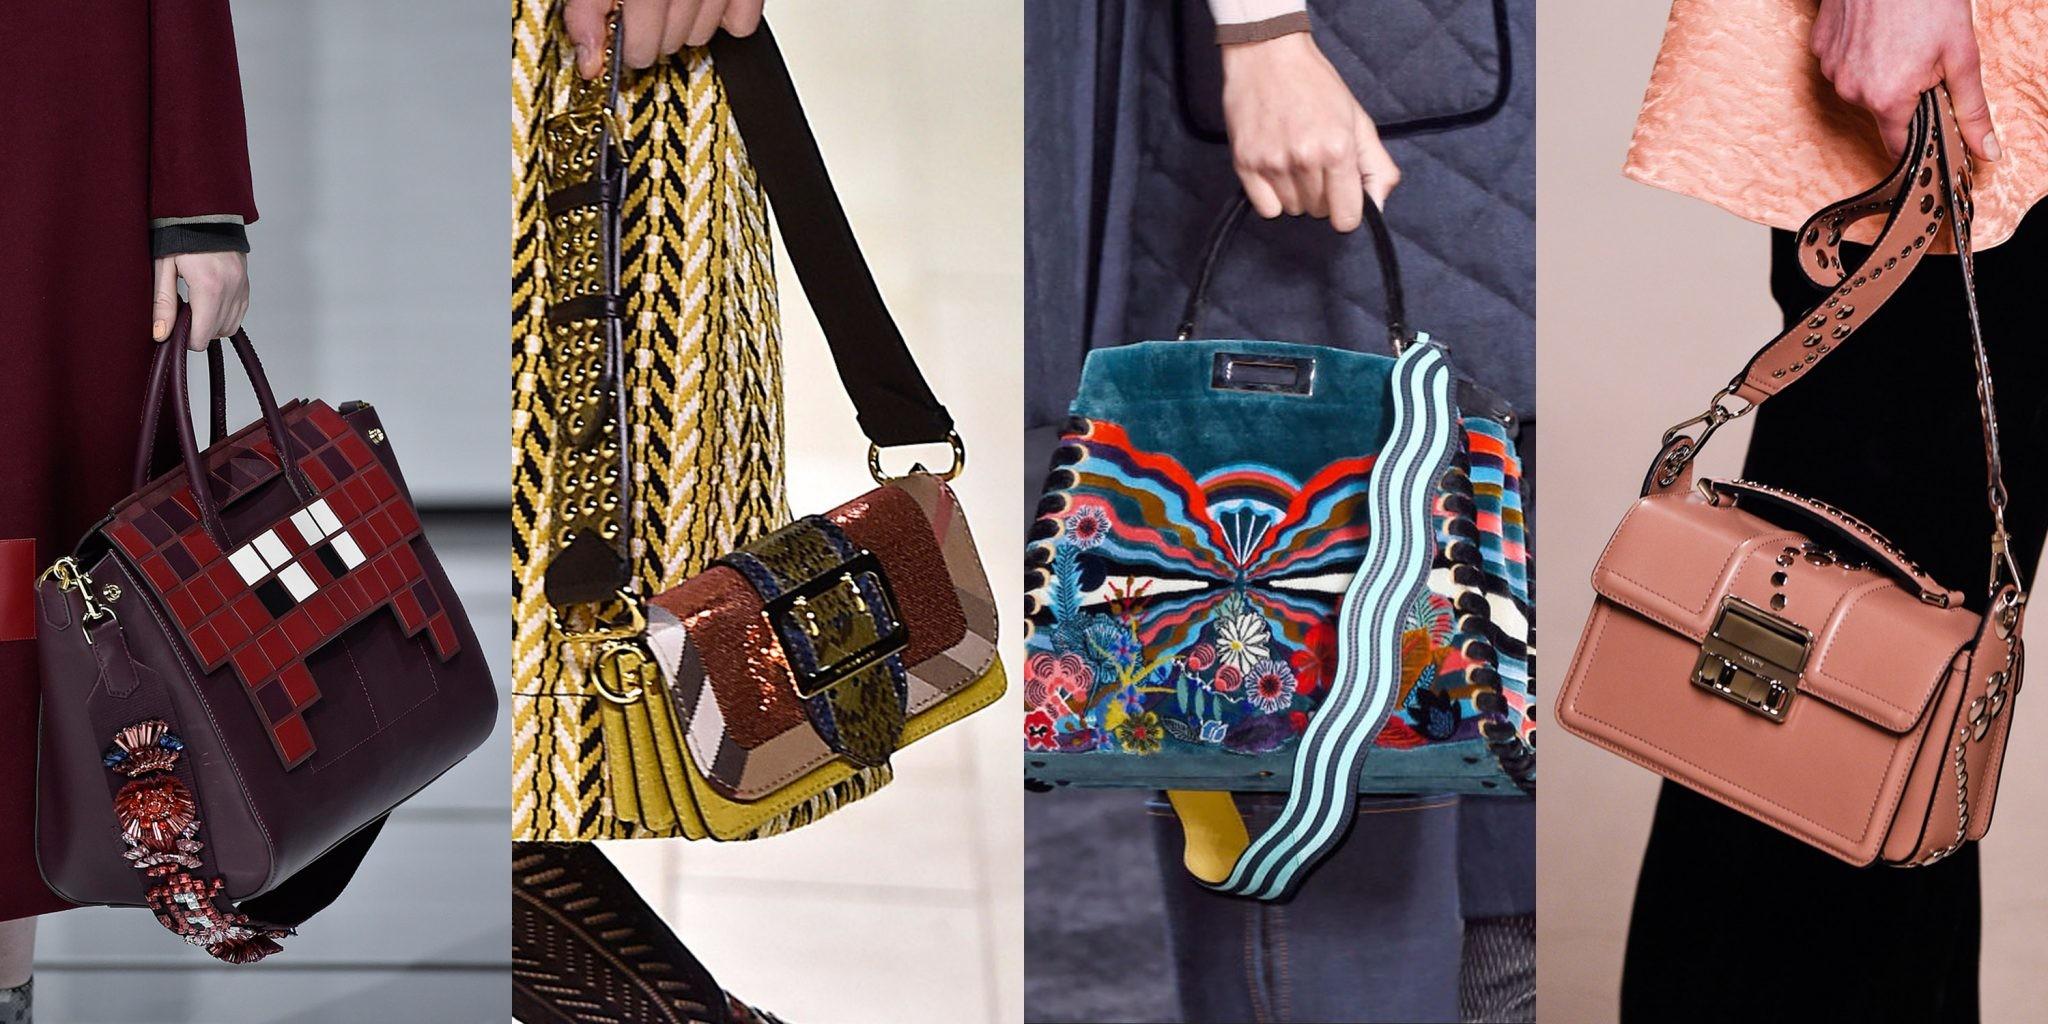 Çanta seçimi, çanta modelleri ve ipuçları